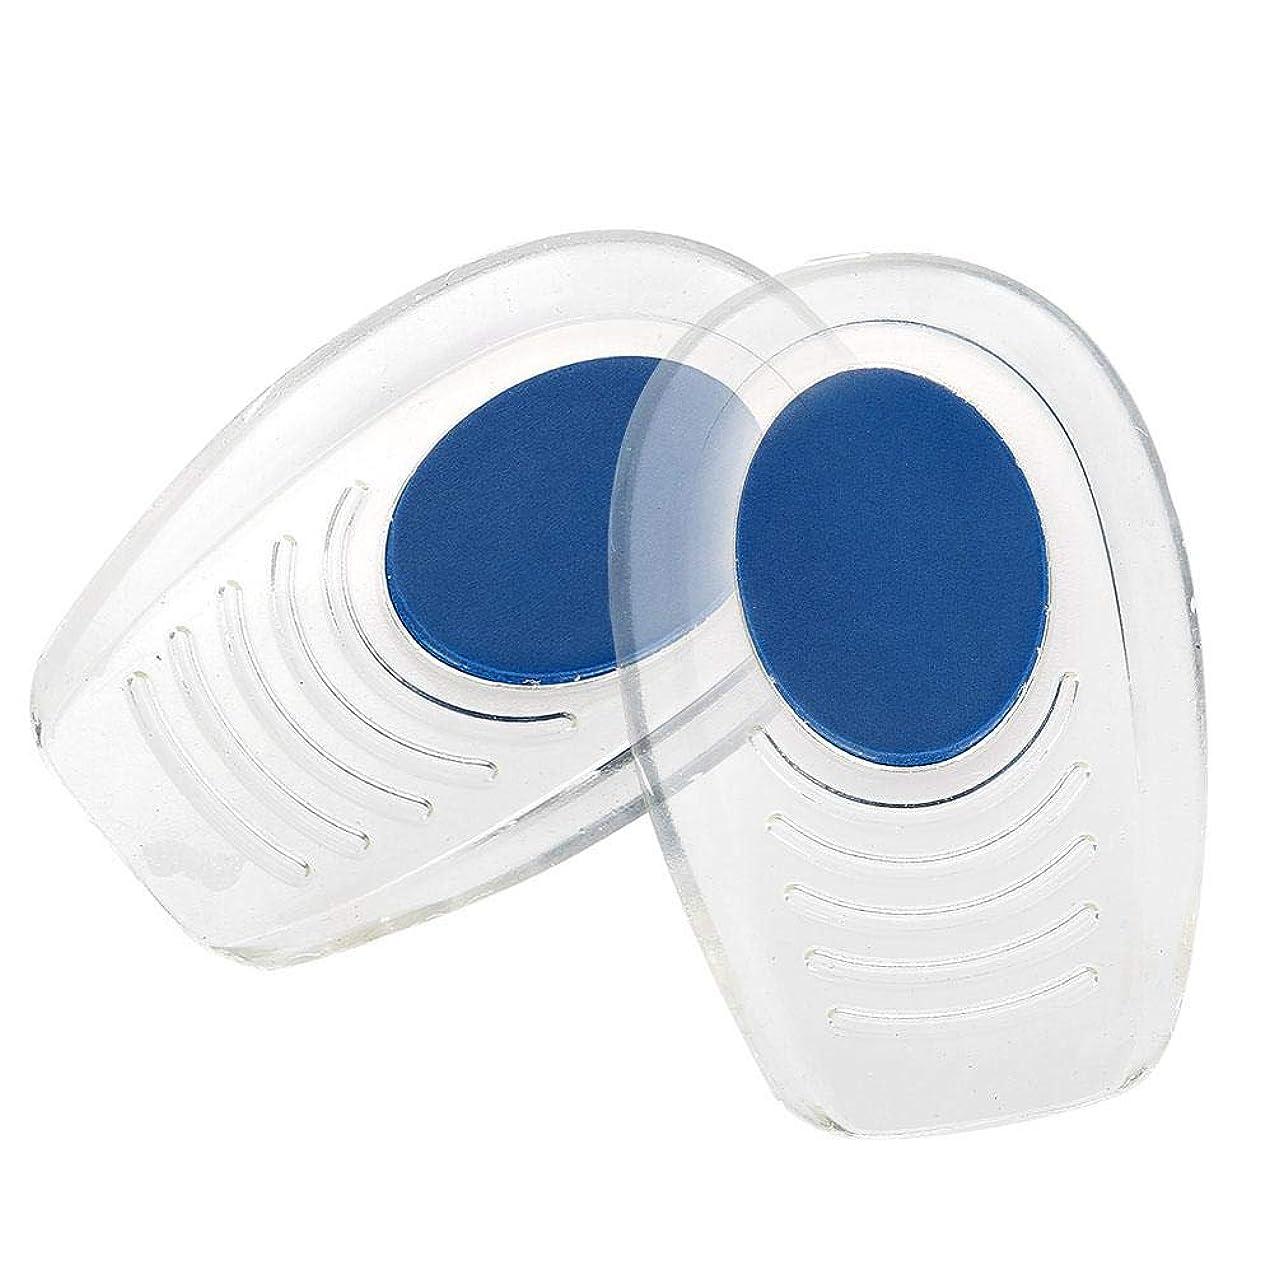 食物無声で異邦人ソフトインソール かかと痛みパッド ? シリコーン衝撃吸収ヒールパッド (滑り止めテクスチャー付) ブルー パッドフットケアツール (S(7*10.5CM))